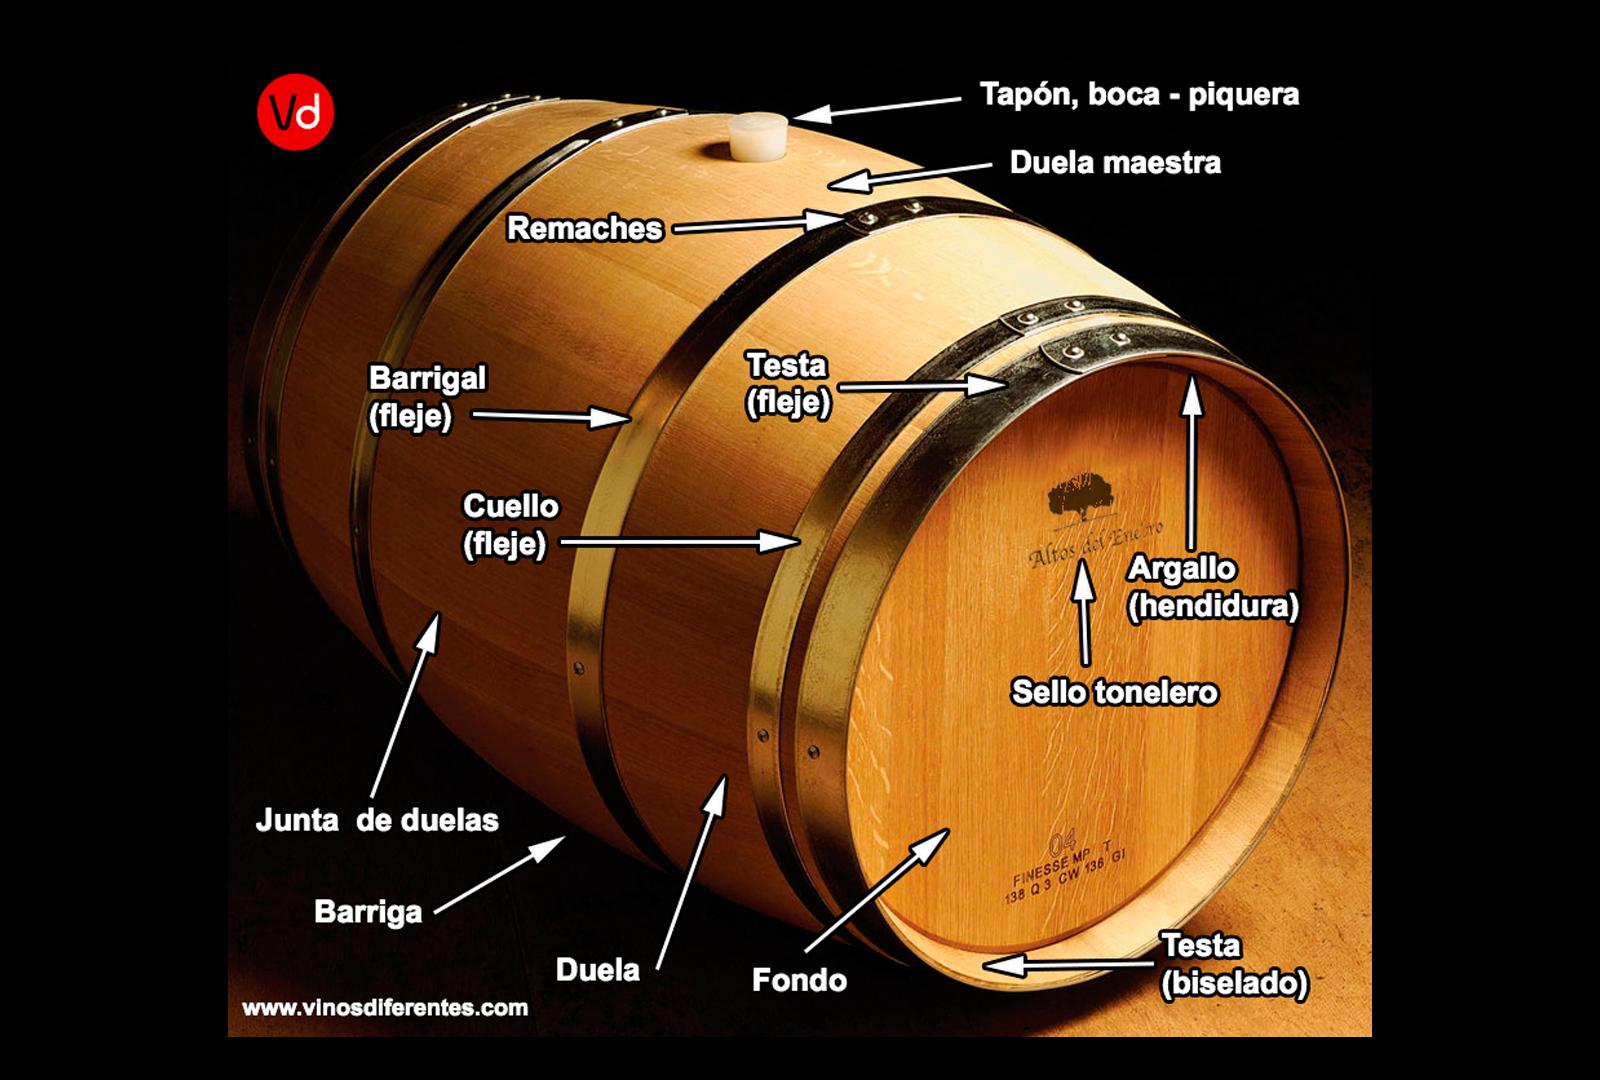 Barrica de roble. Su contribución al vino.